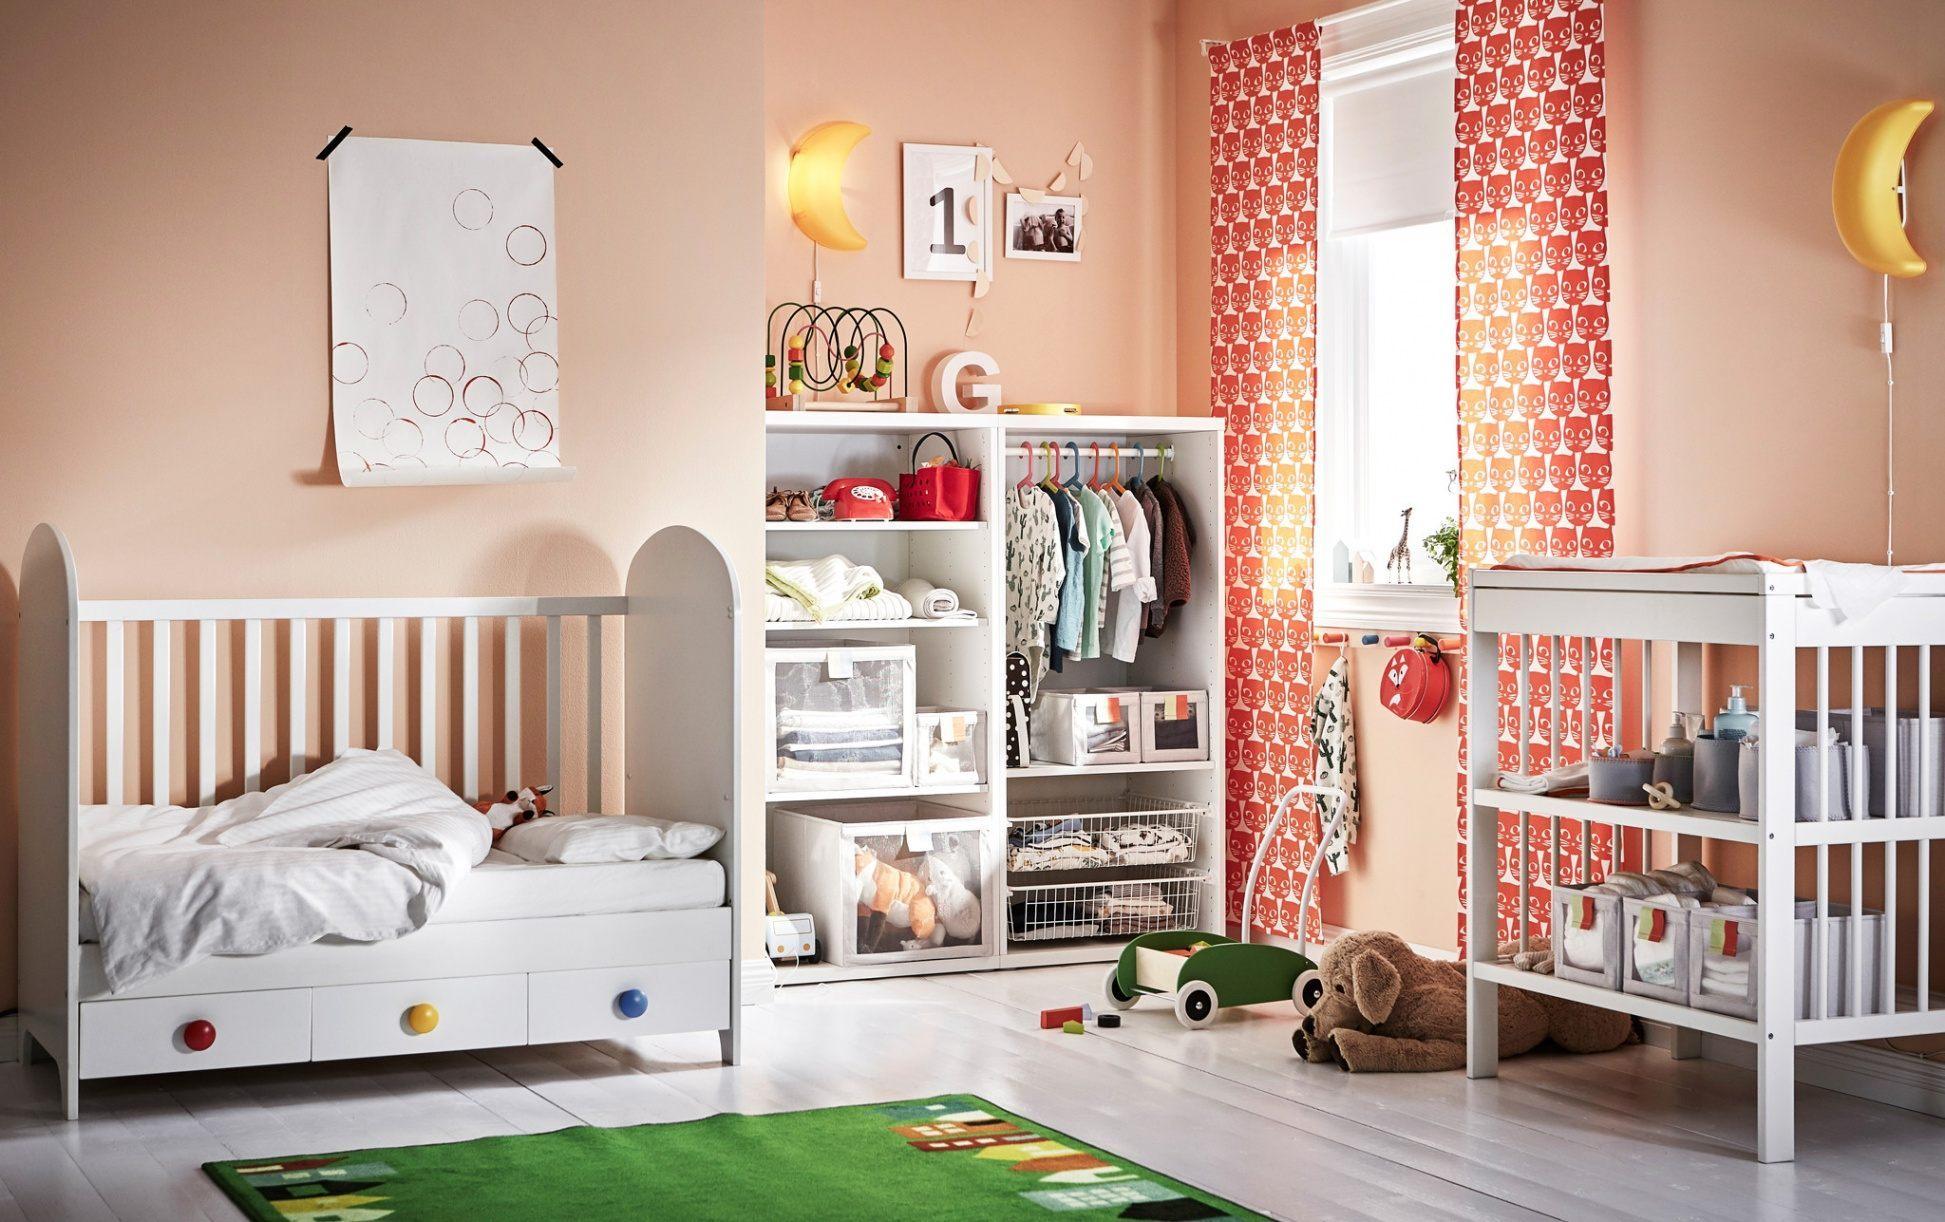 Lit Bébé 70×140 Le Luxe 29 Beau Applique Murale Chambre Bébé Graphique